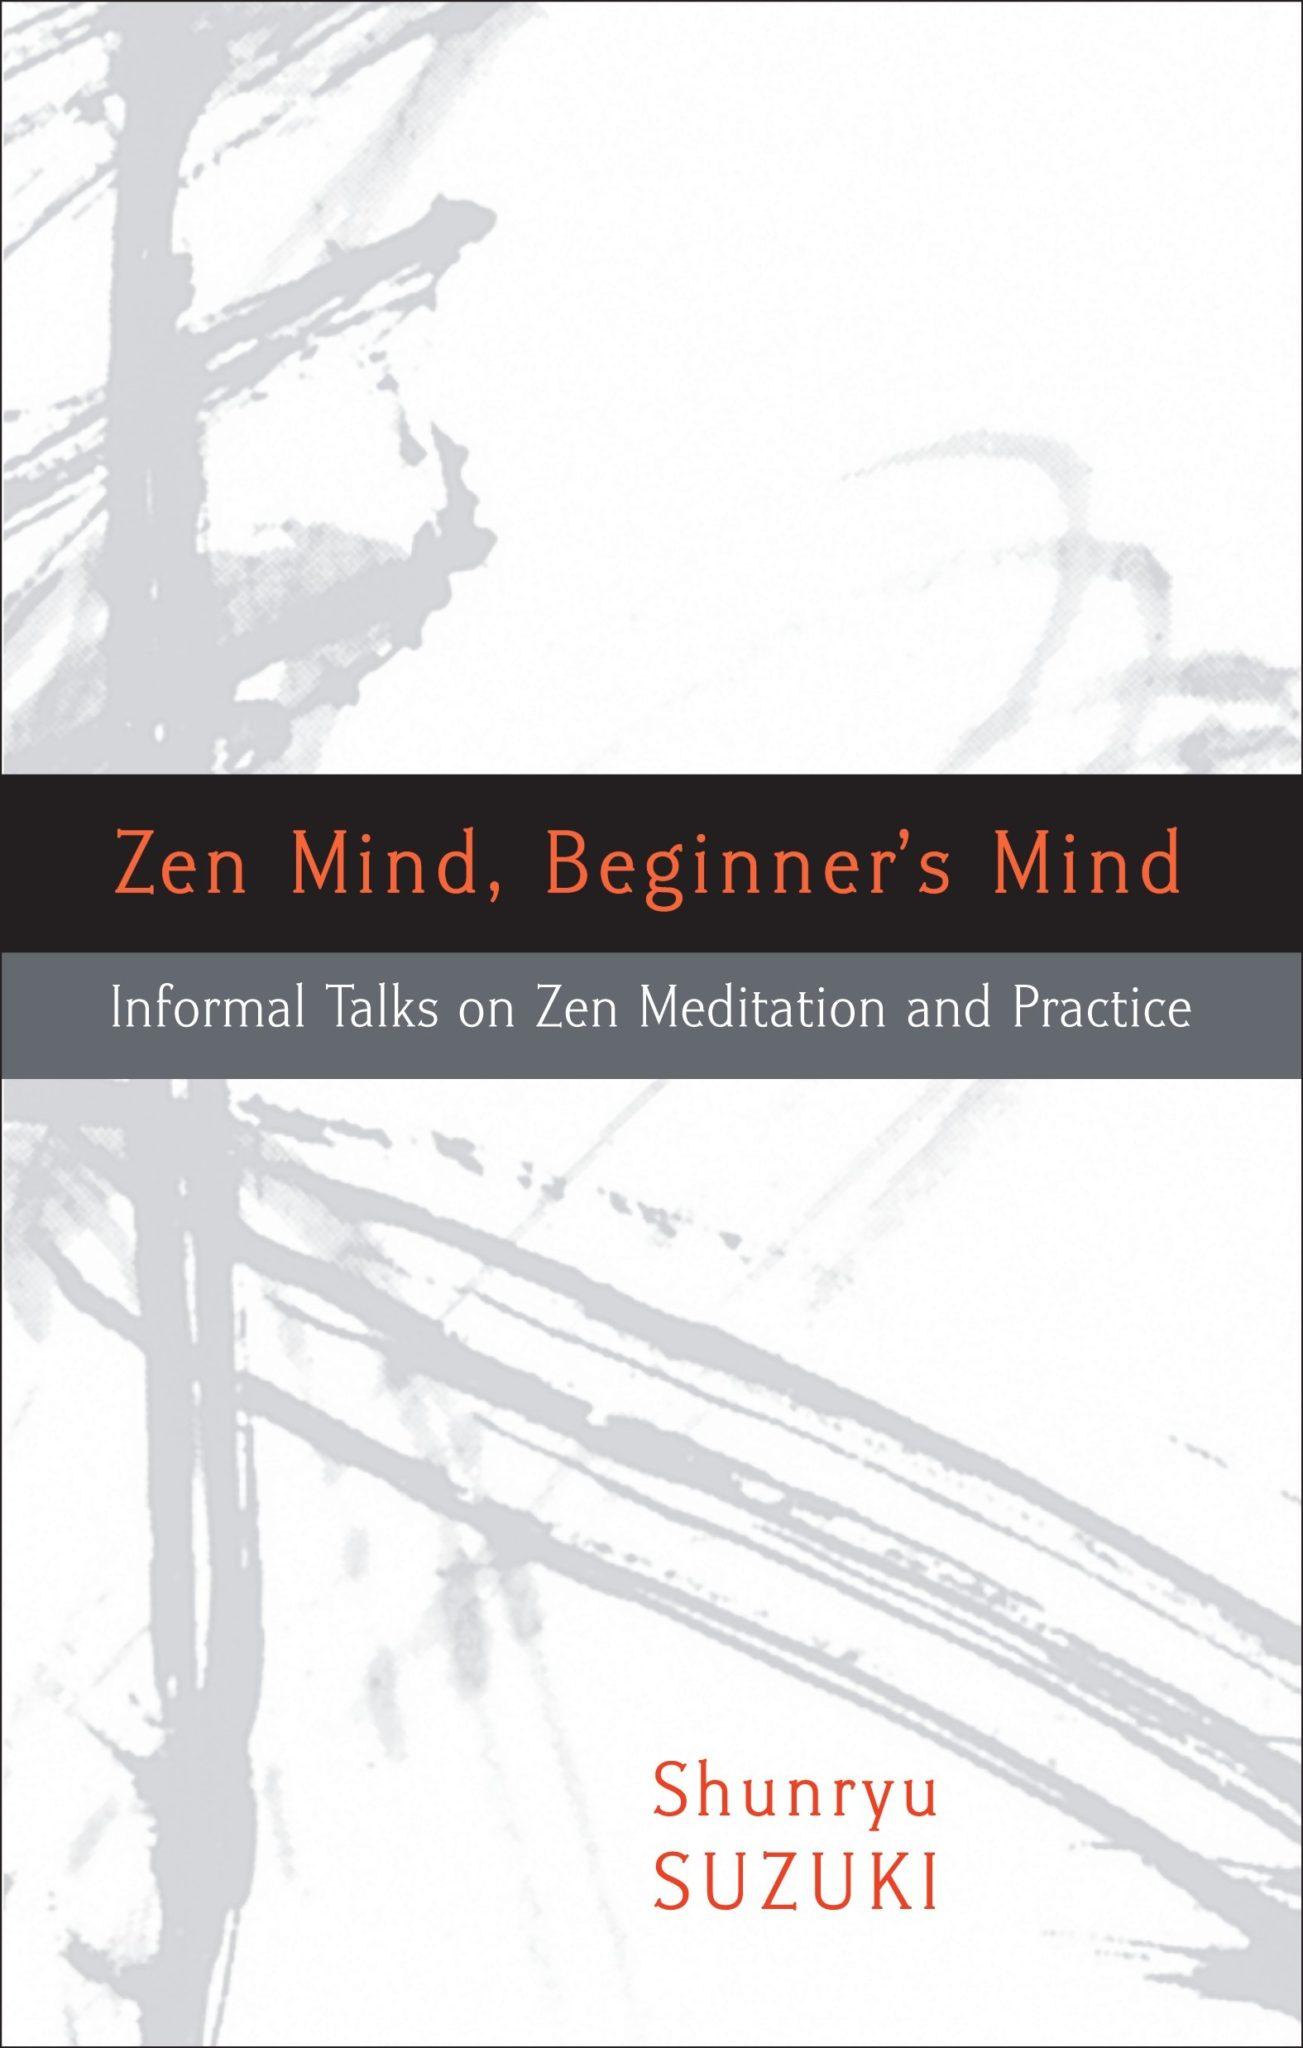 Zen-Mind-Beginners-Mind-meditation-book-Shunryu-Suzuki